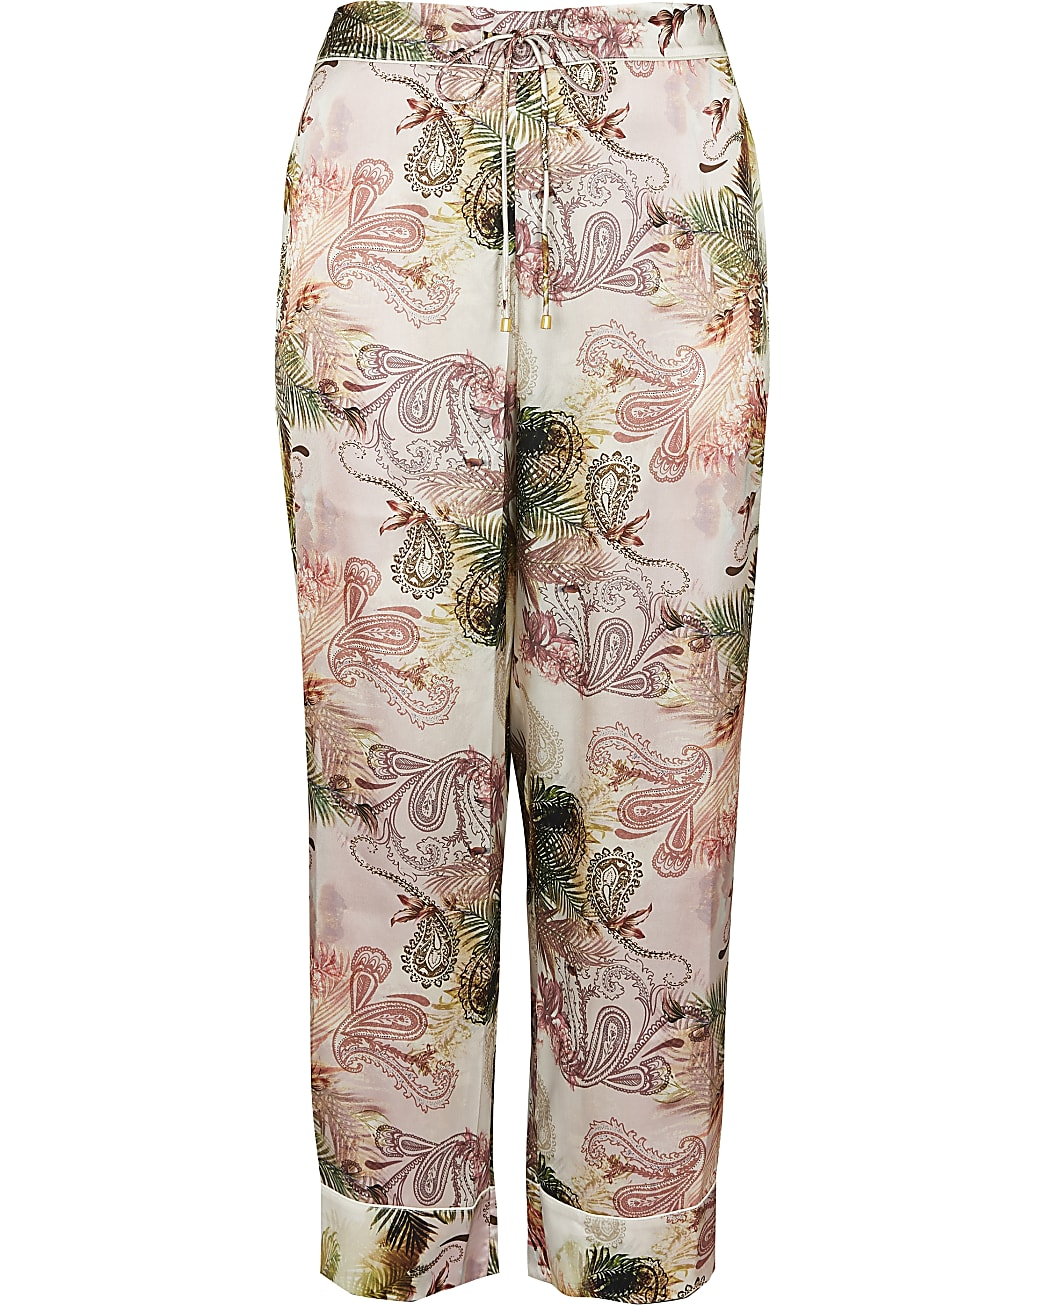 Plus pink floral printed pyjama trousers